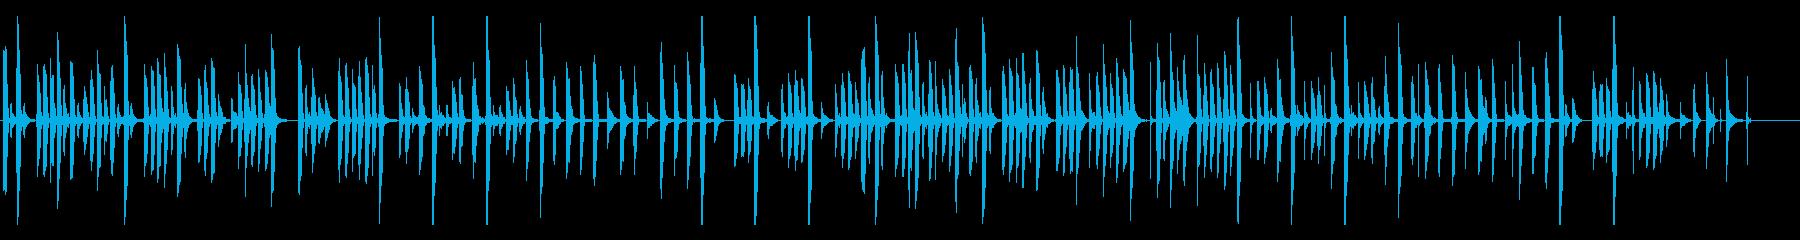 トーク・説明向きの、かわいいゆるい曲の再生済みの波形